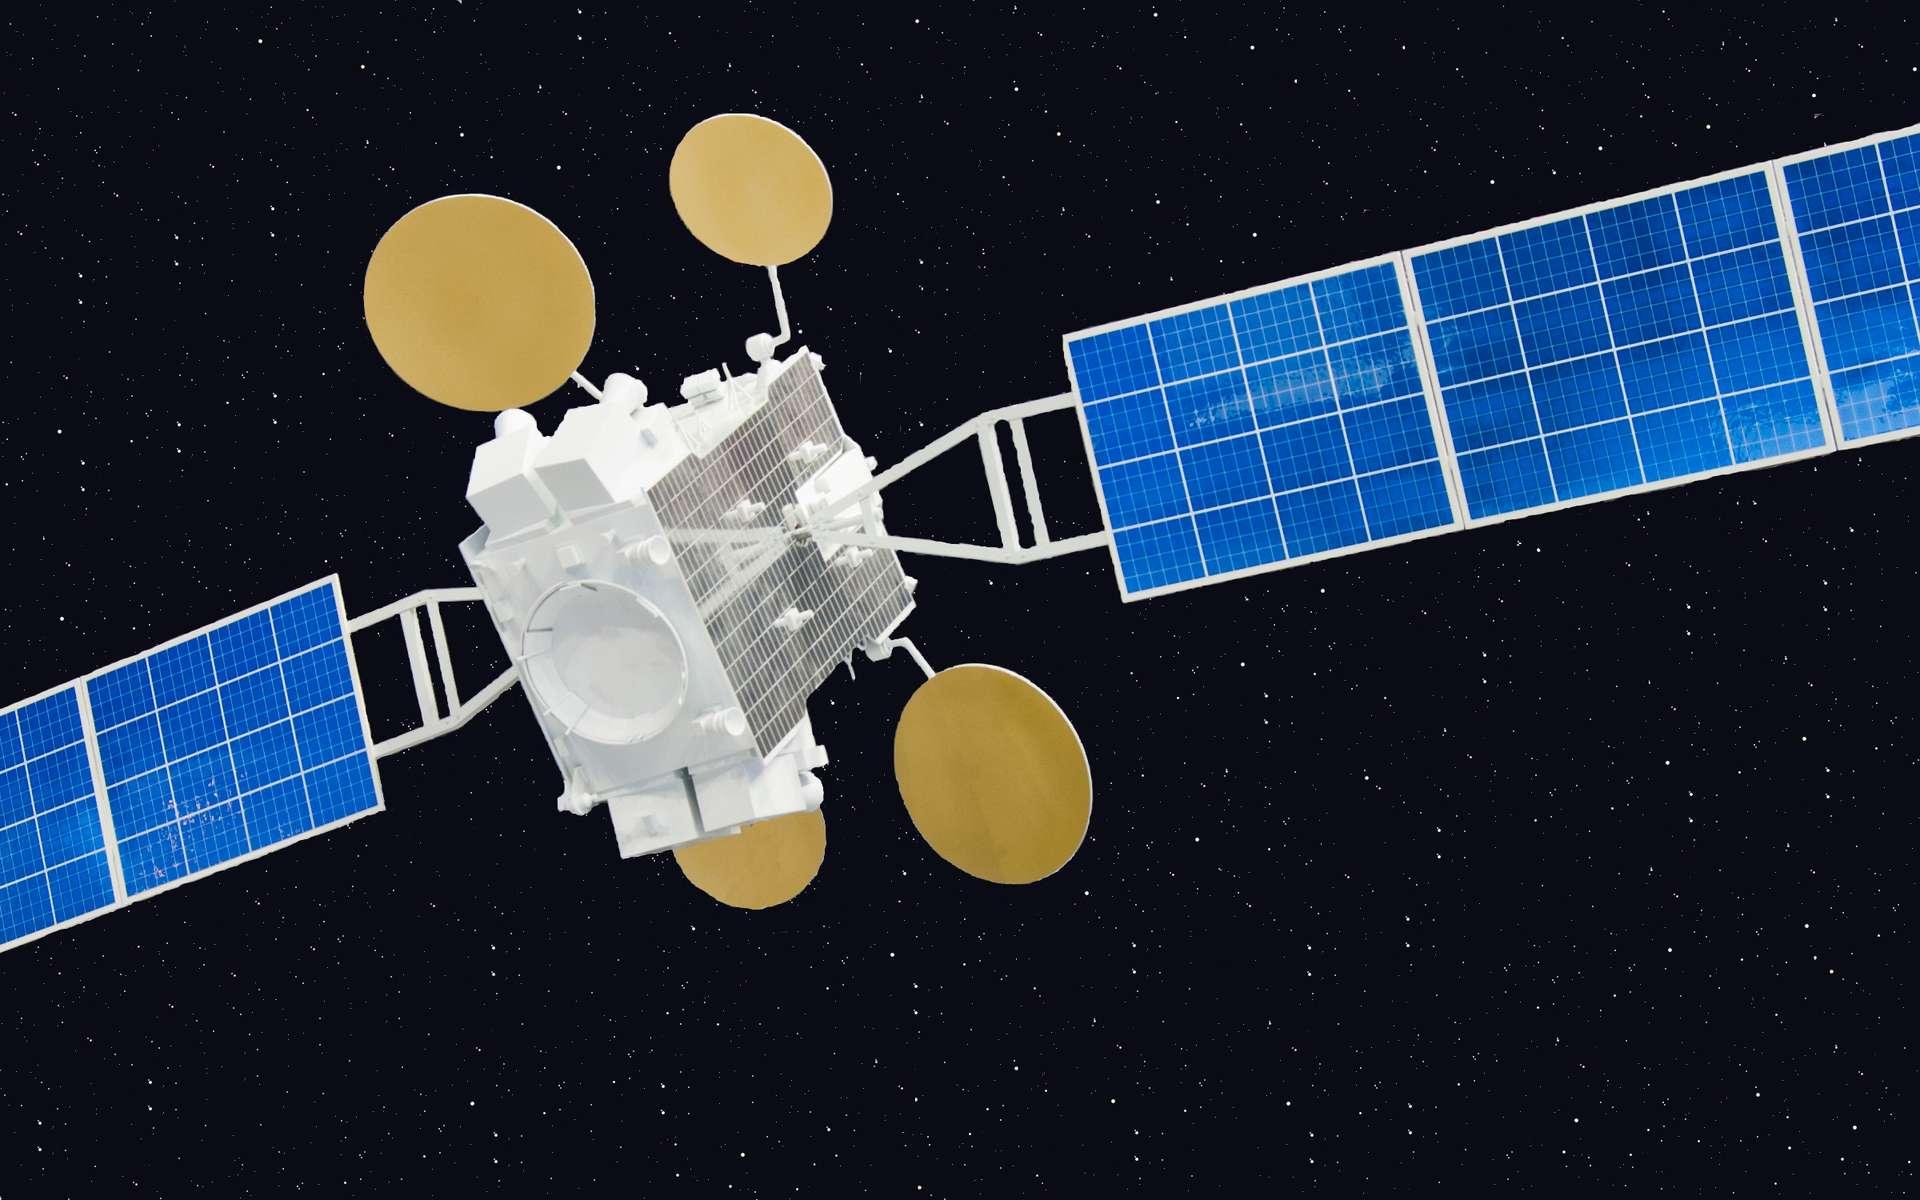 Facebook et Eutelsat s'associent pour fournir un accès Internet à des populations de l'Afrique subsaharienne déjà familiarisées avec la téléphonie mobile. Le satellite choisi est Amos-6, de Spacecom. Ici, le satellite Amos-5. © Andrzej Olchawa, Wiimedia Commons, CC by-sa 2.0